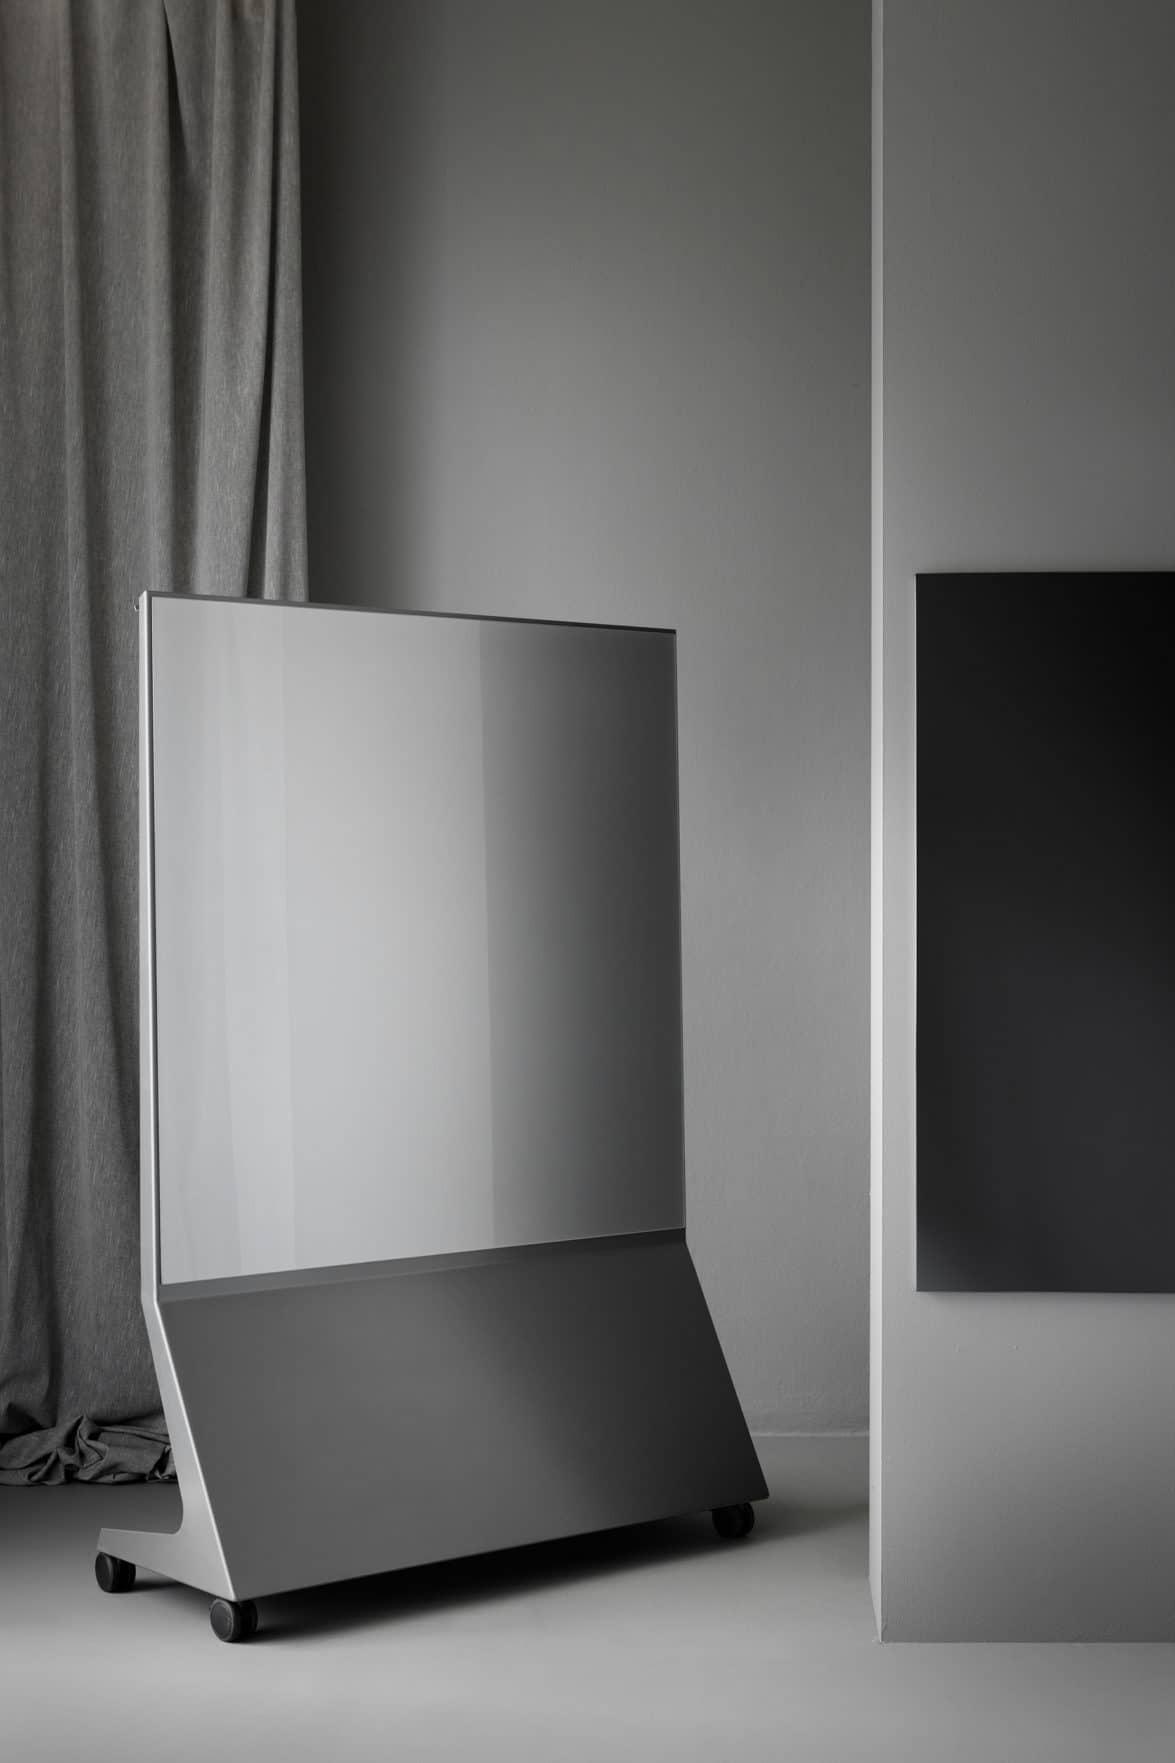 Tableau verre magnétique design mobile